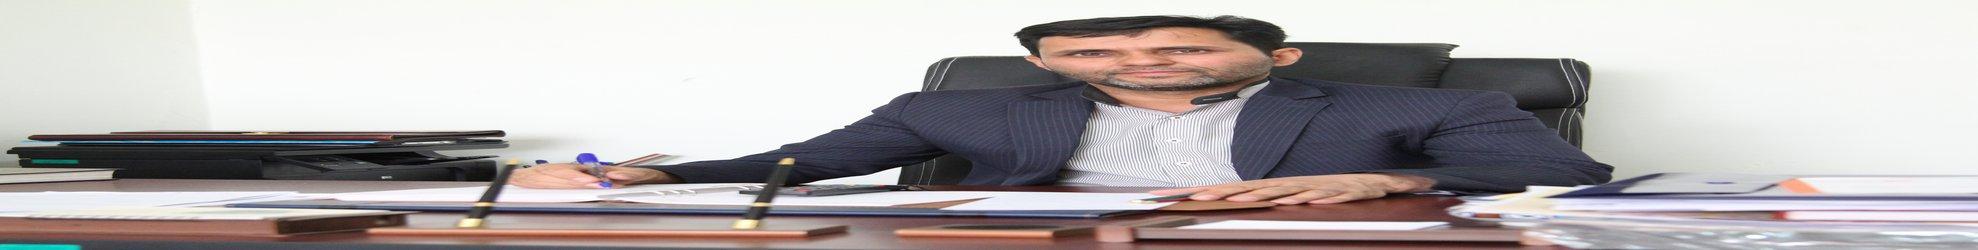 نوارهای حفاری فاضلاب در مهرشهر ترمیم می شود